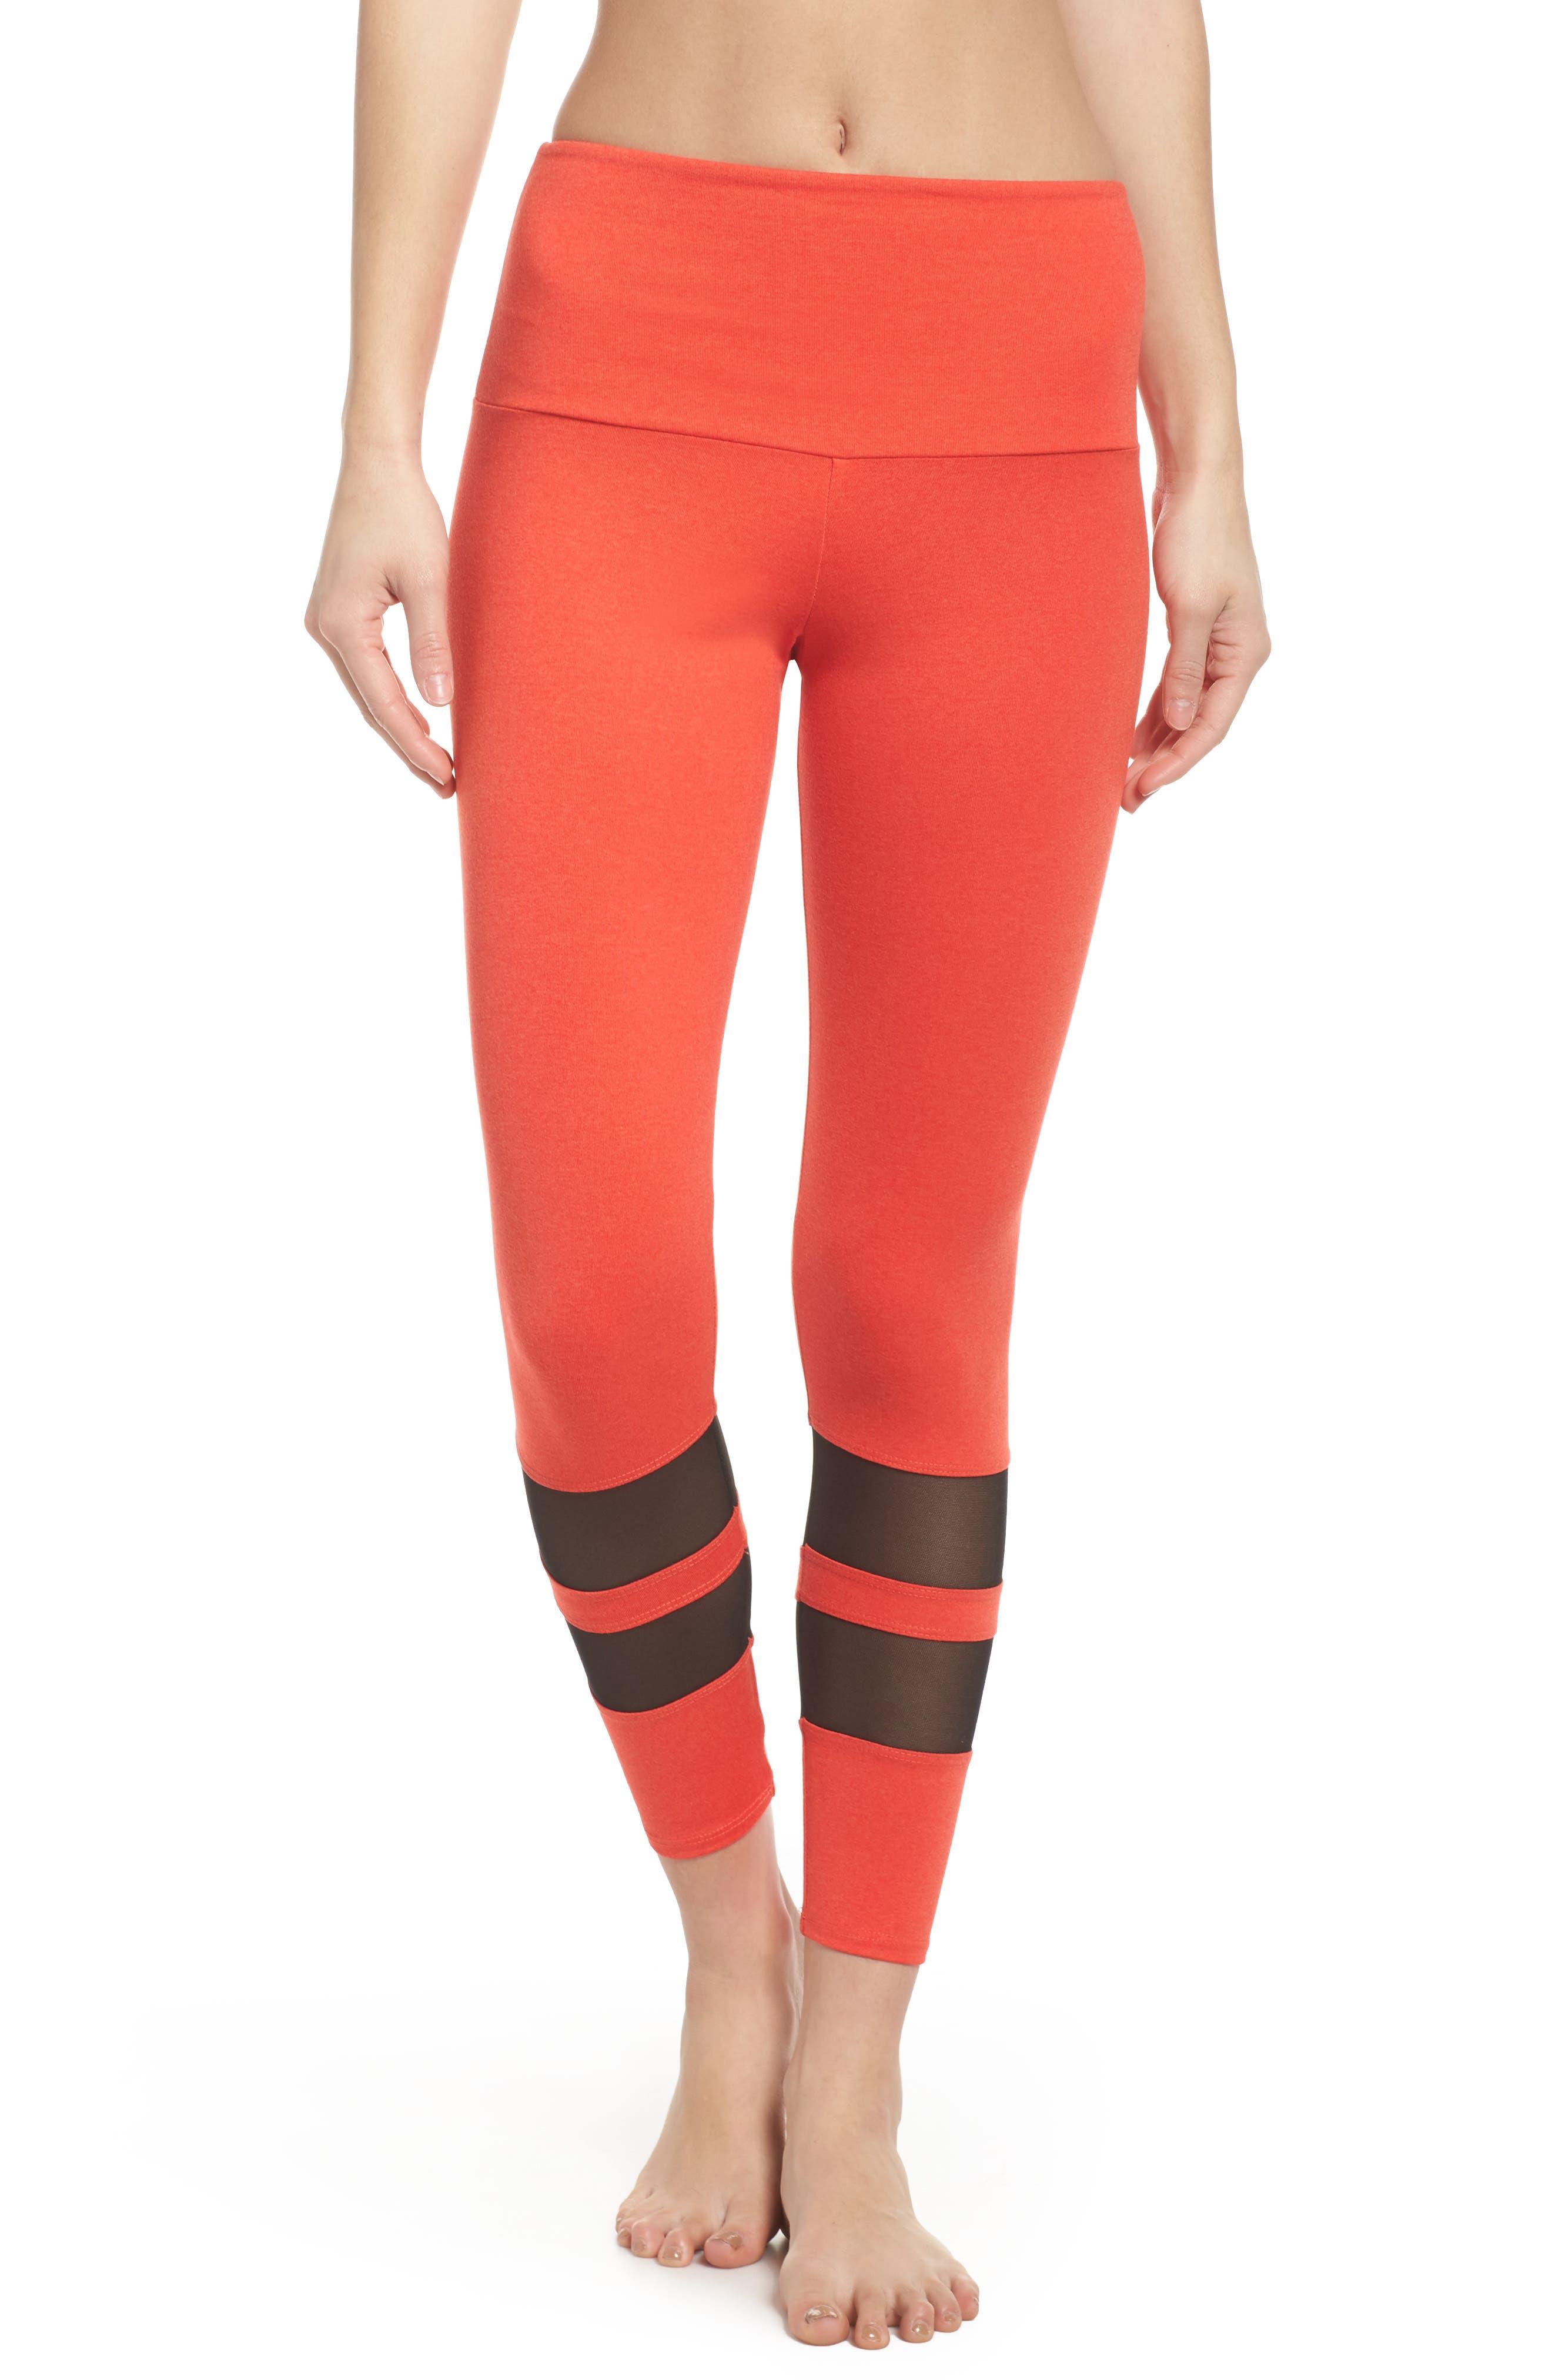 Racer Leggings,                         Main,                         color, Coral Majestic/ Black Mesh